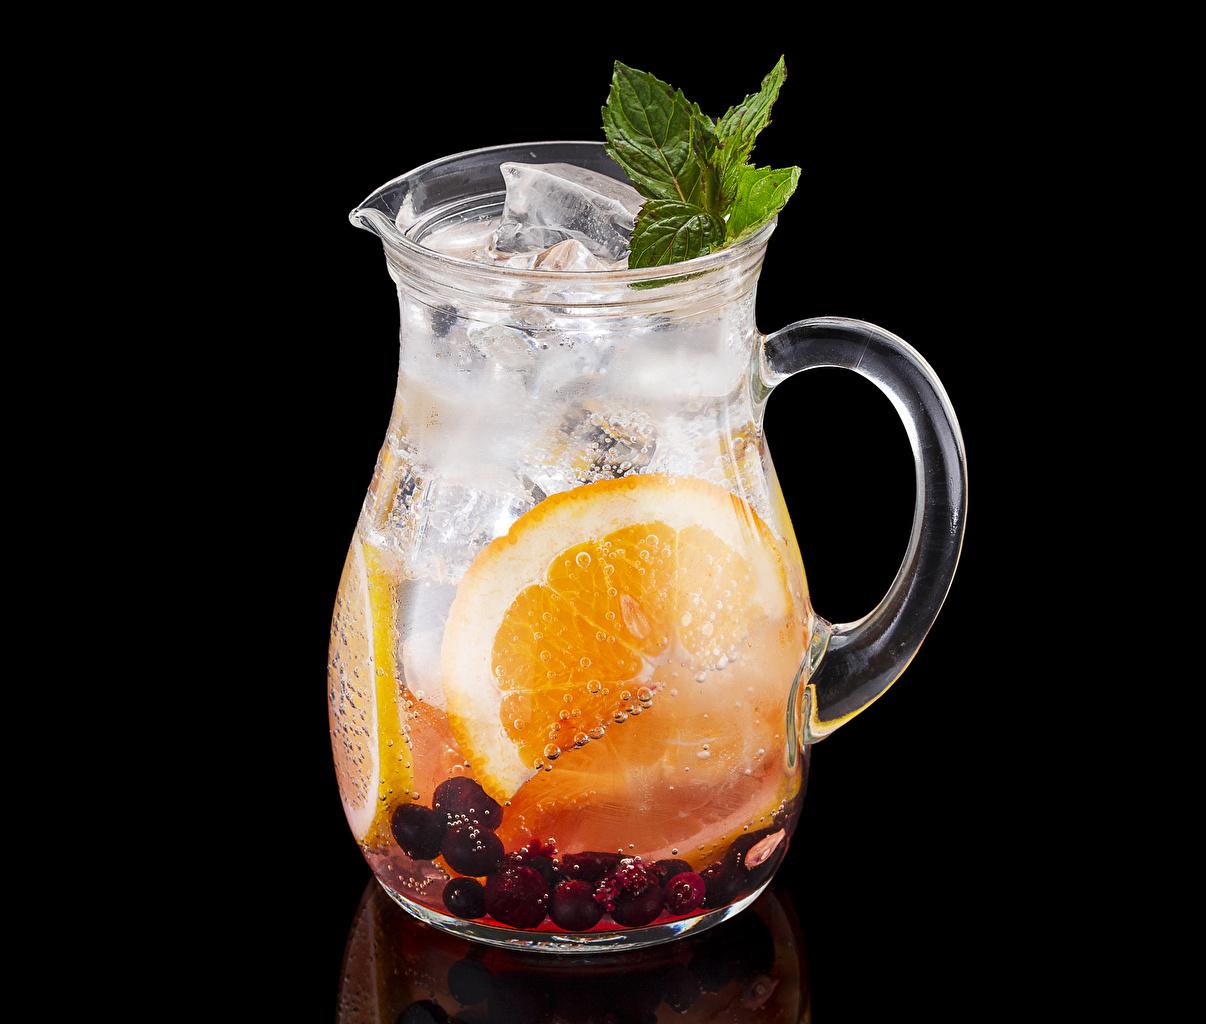 Обои для рабочего стола льда Апельсин Кувшин Пища Ягоды Черный фон напиток Лед кувшины Еда Продукты питания на черном фоне Напитки